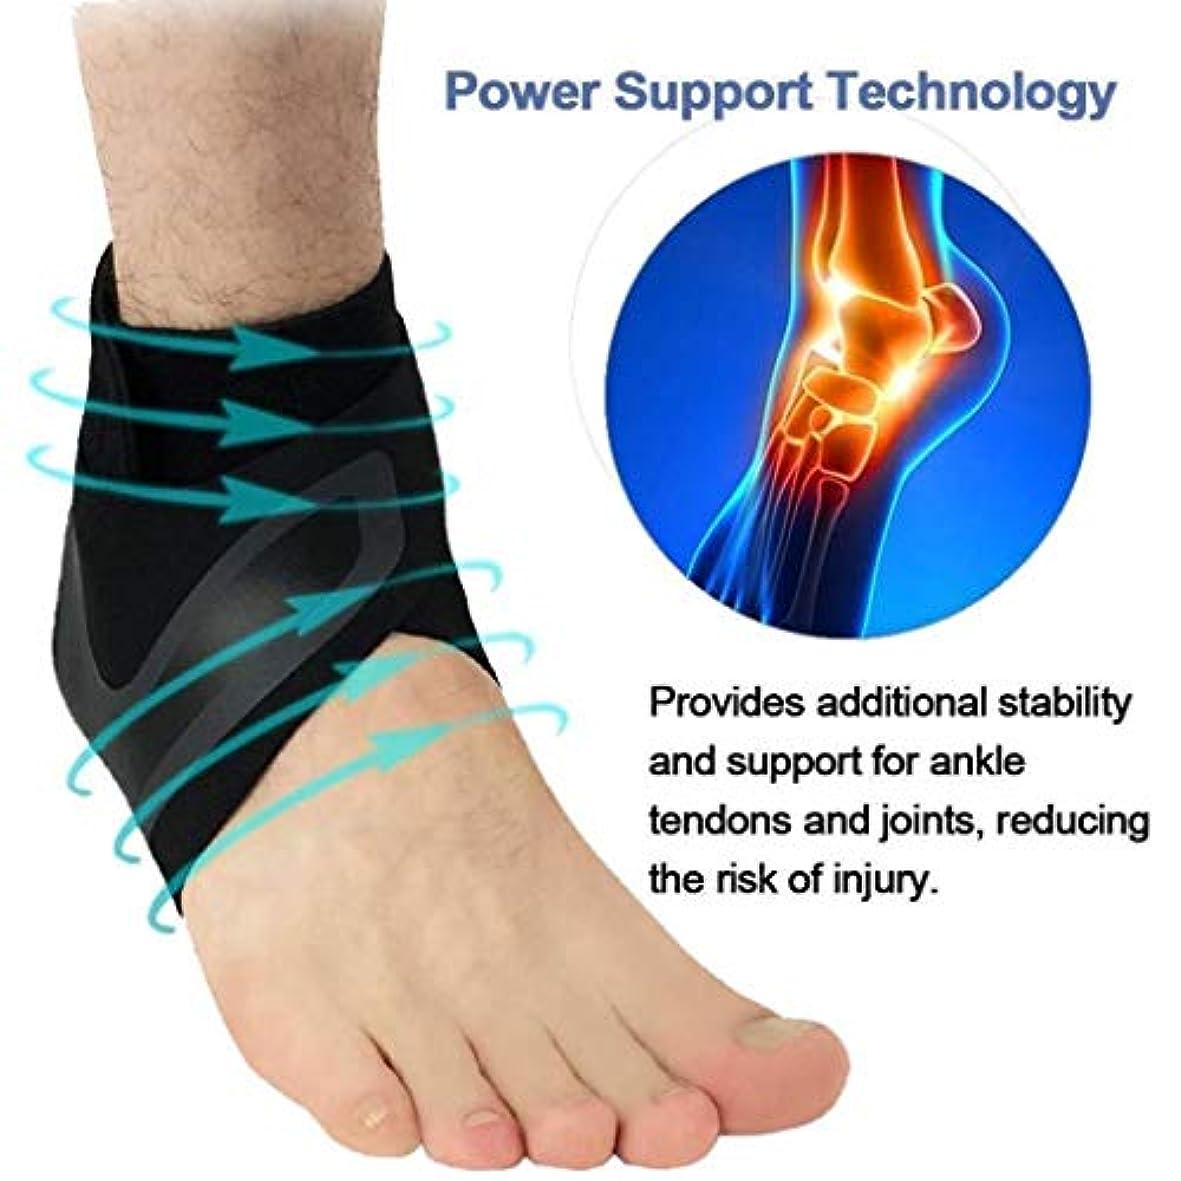 本体規定レクリエーション足首サポート、調節可能な足首ブレース多目的および通気性圧縮-スポーツ、ランニング、ウォーキング、関節痛、捻rain用の足首ラップ (Color : As Picture, Size : X-Large)